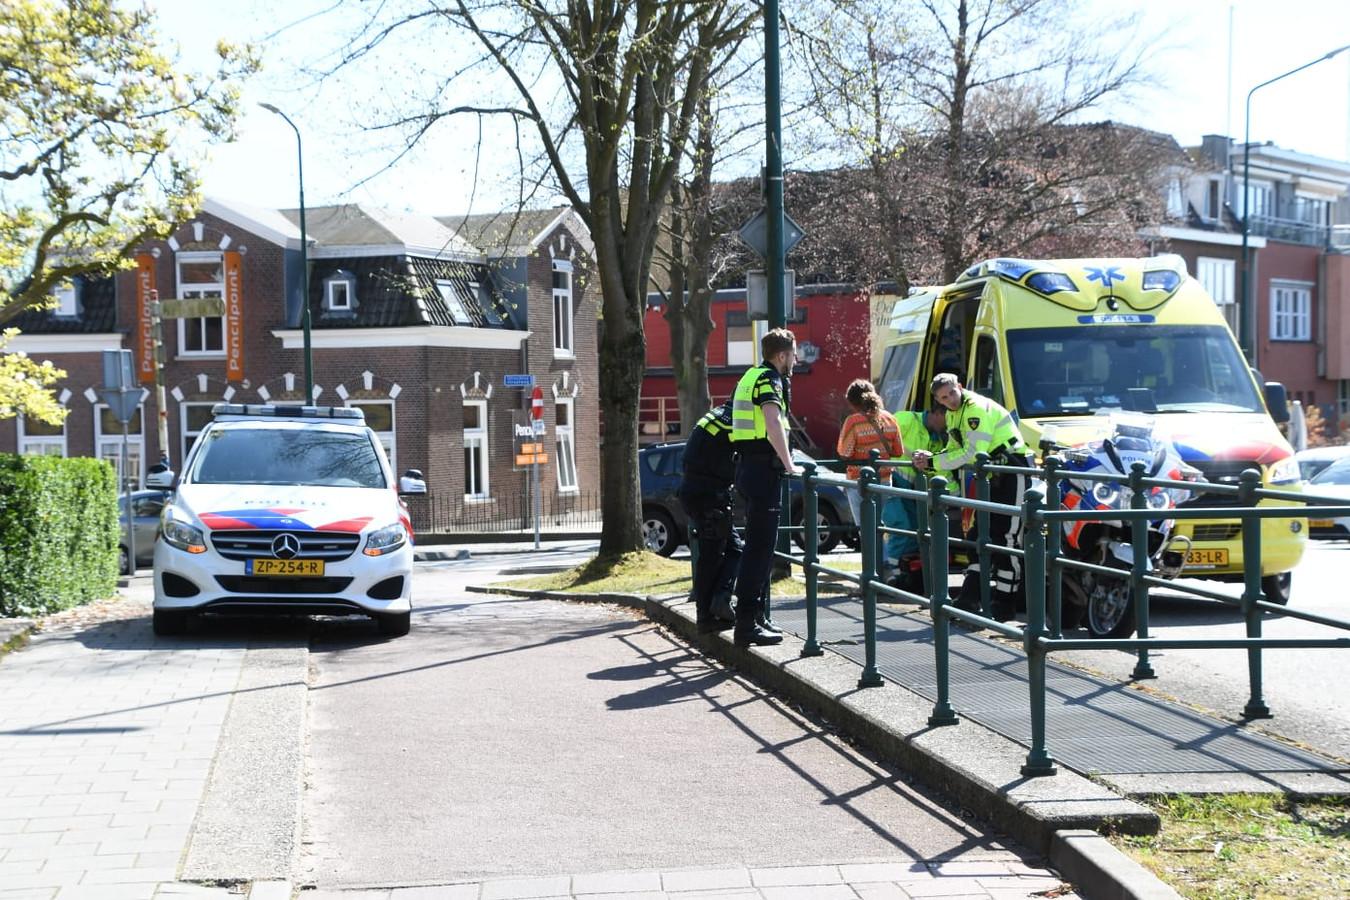 De hulpdiensten zijn ter plaatse bij het ongeval op de Stationsweg in Woerden.